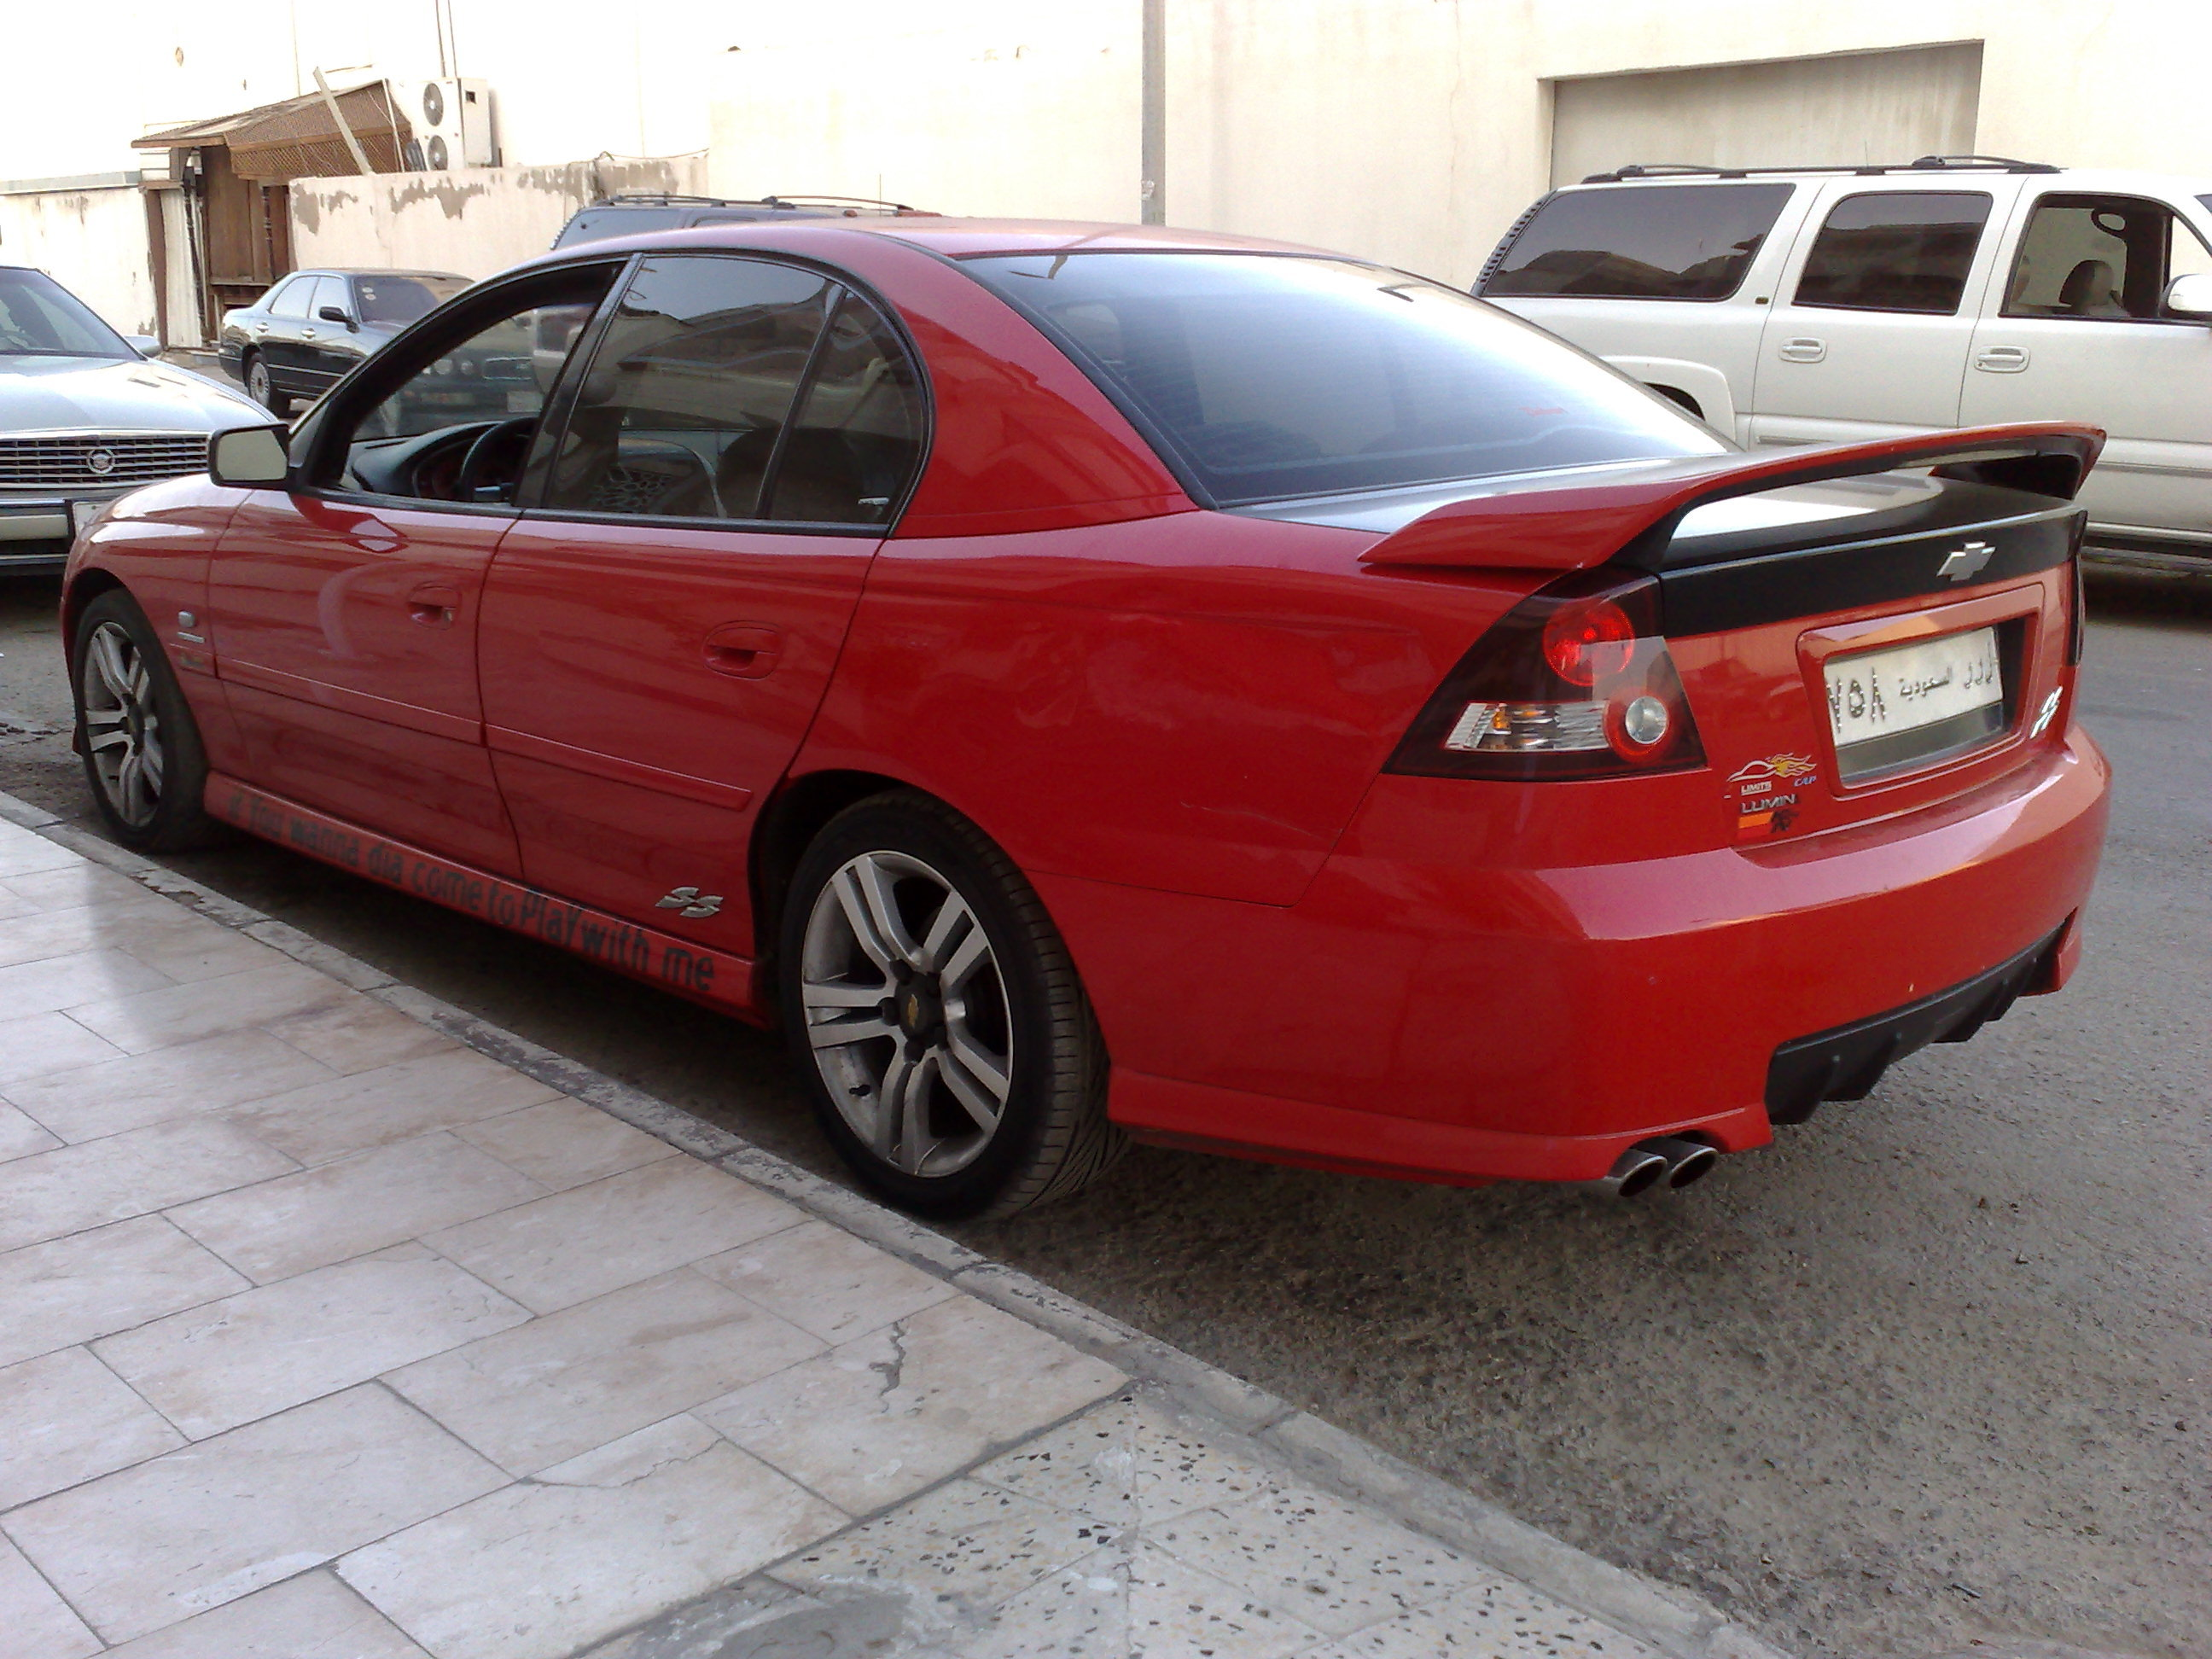 Chevrolet Lumina 2004 foto - 1